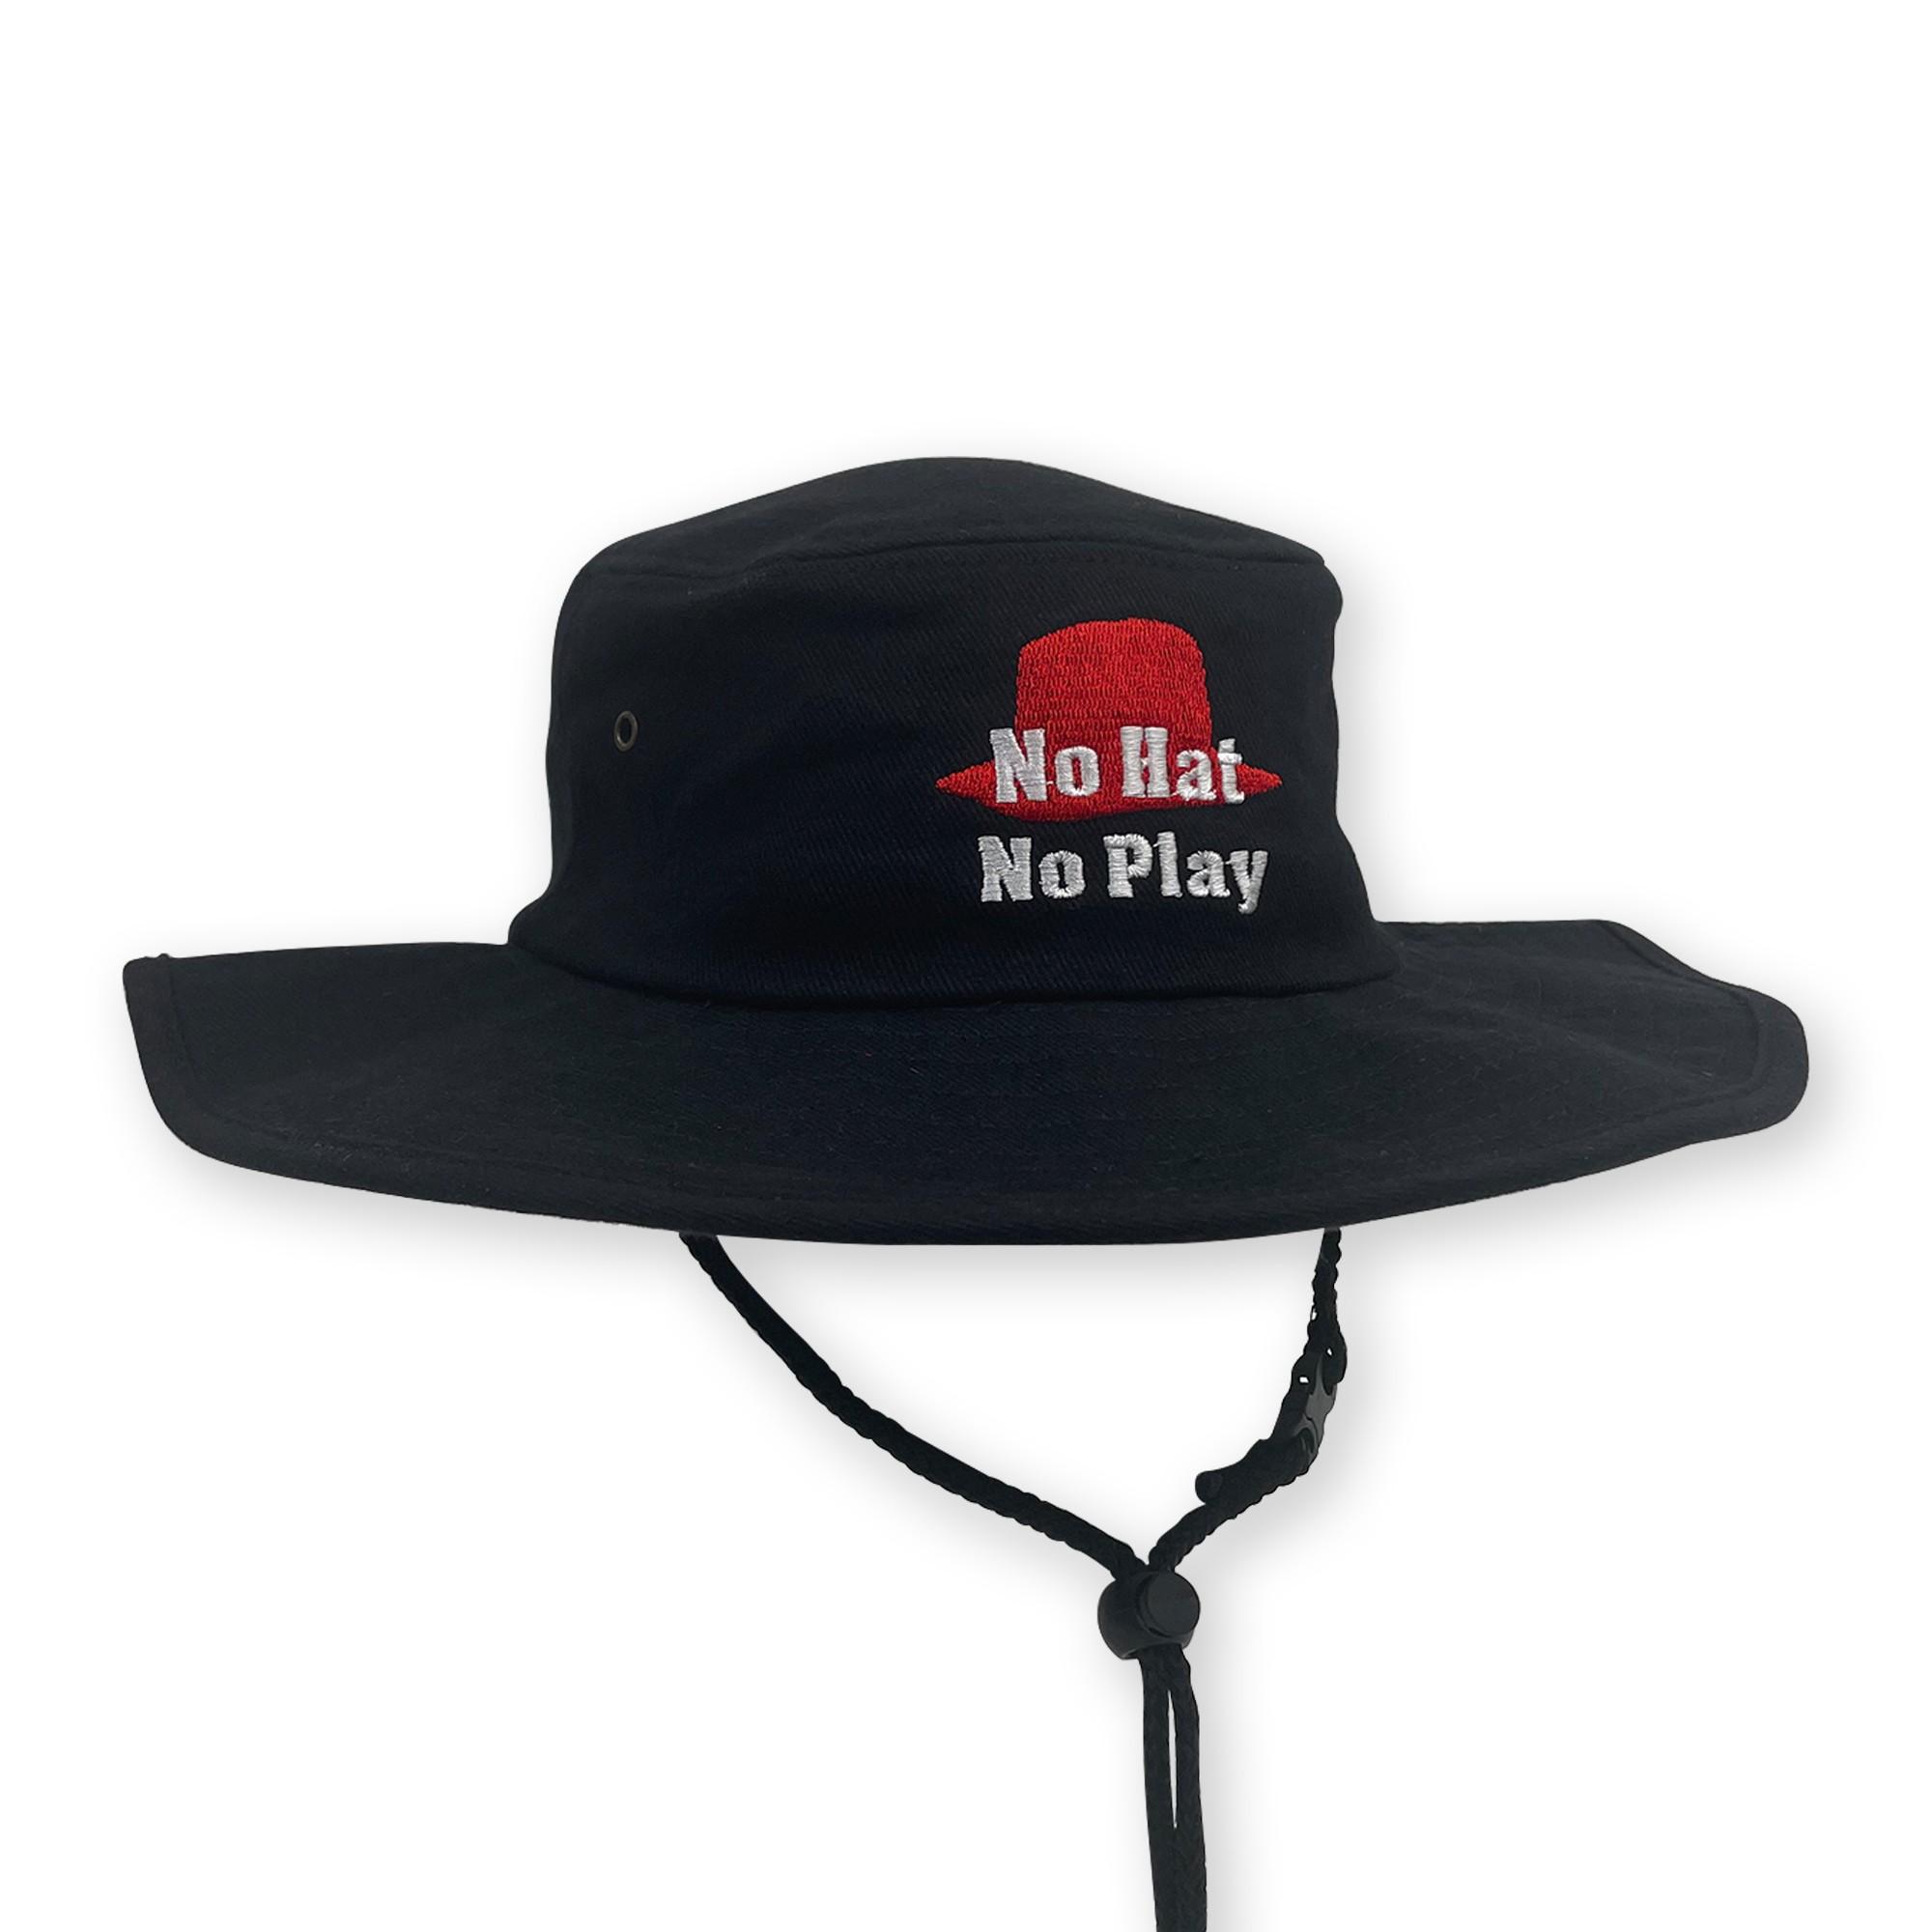 NO HAT NO PLAY WIDE BRIM HAT